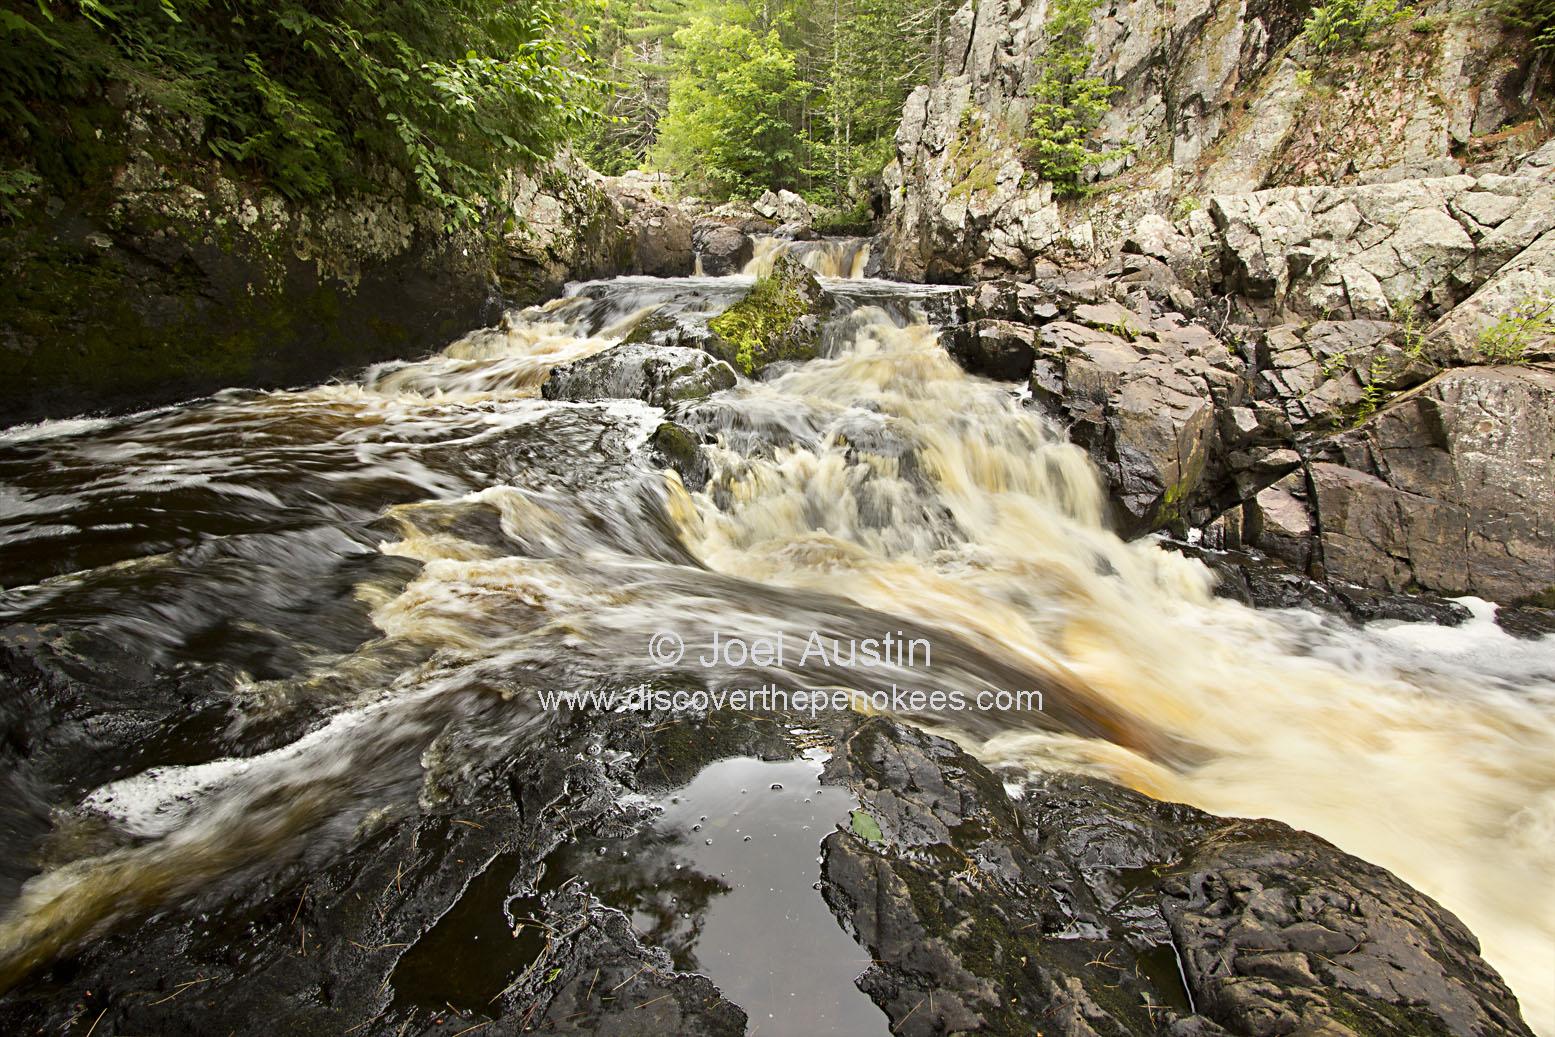 Conley Falls